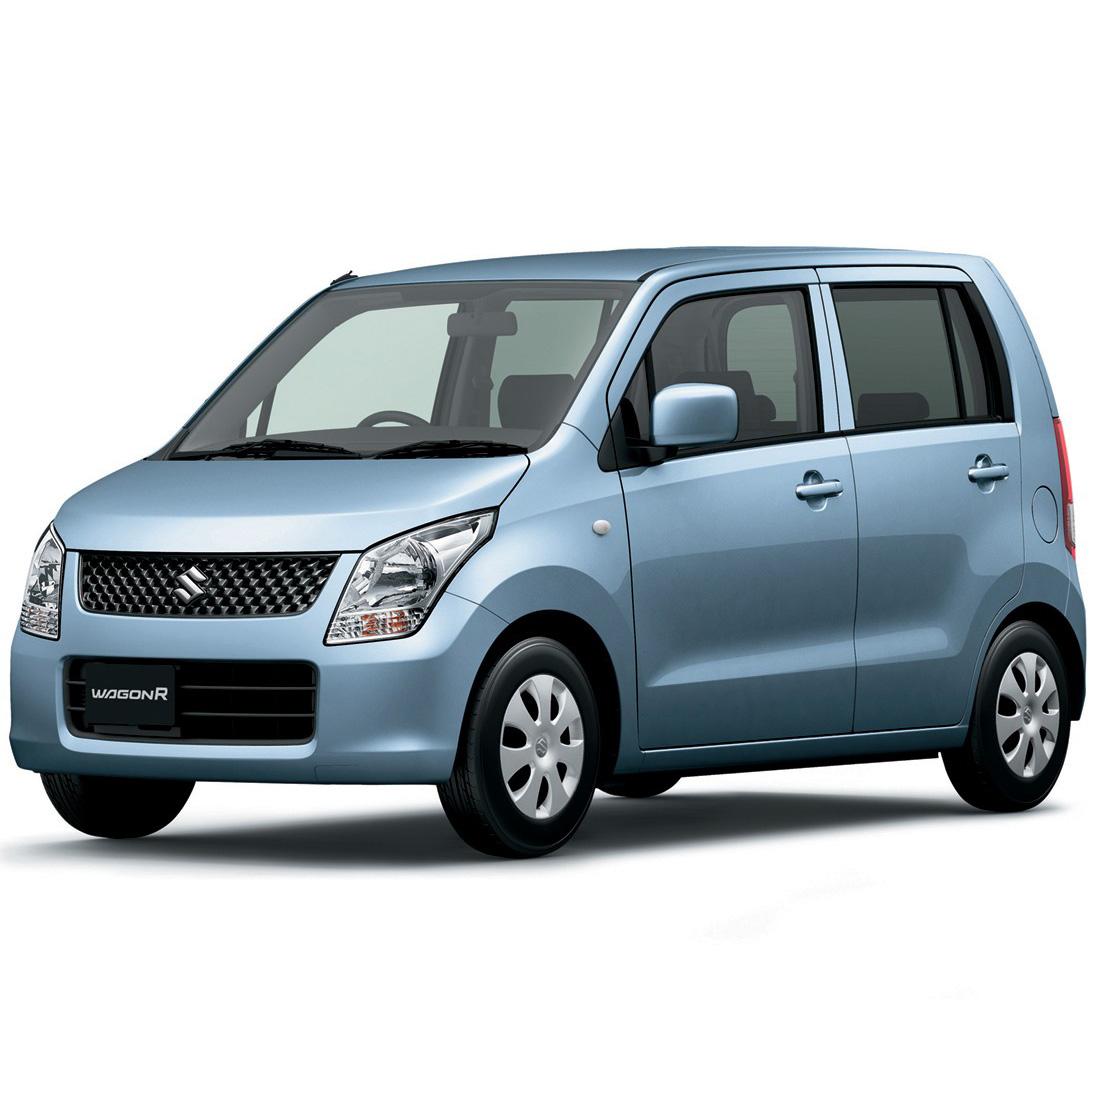 Suzuki Wagon R Car Mats